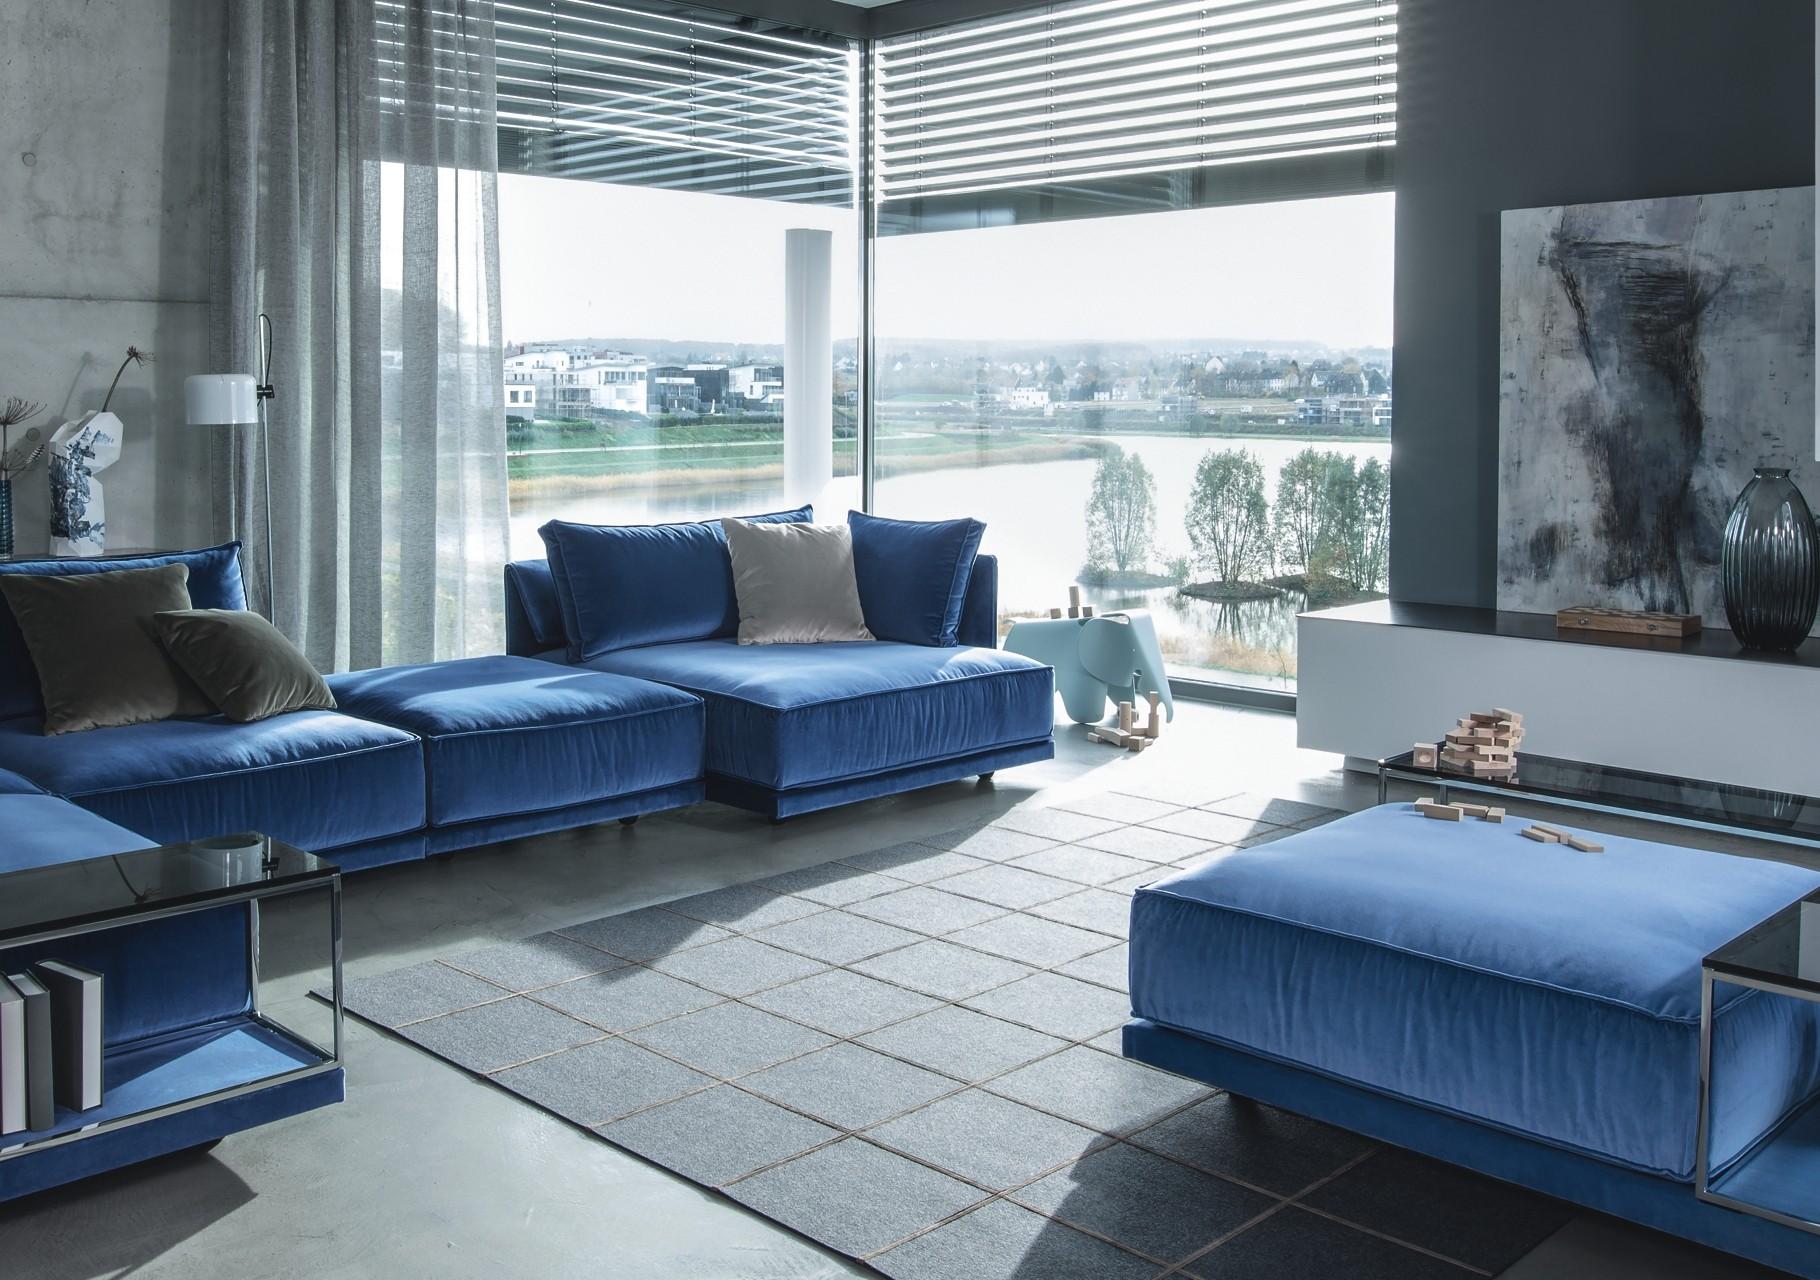 Wohnen einrichten bohle raum trifft ausstattung for Dekoration modern wohnen